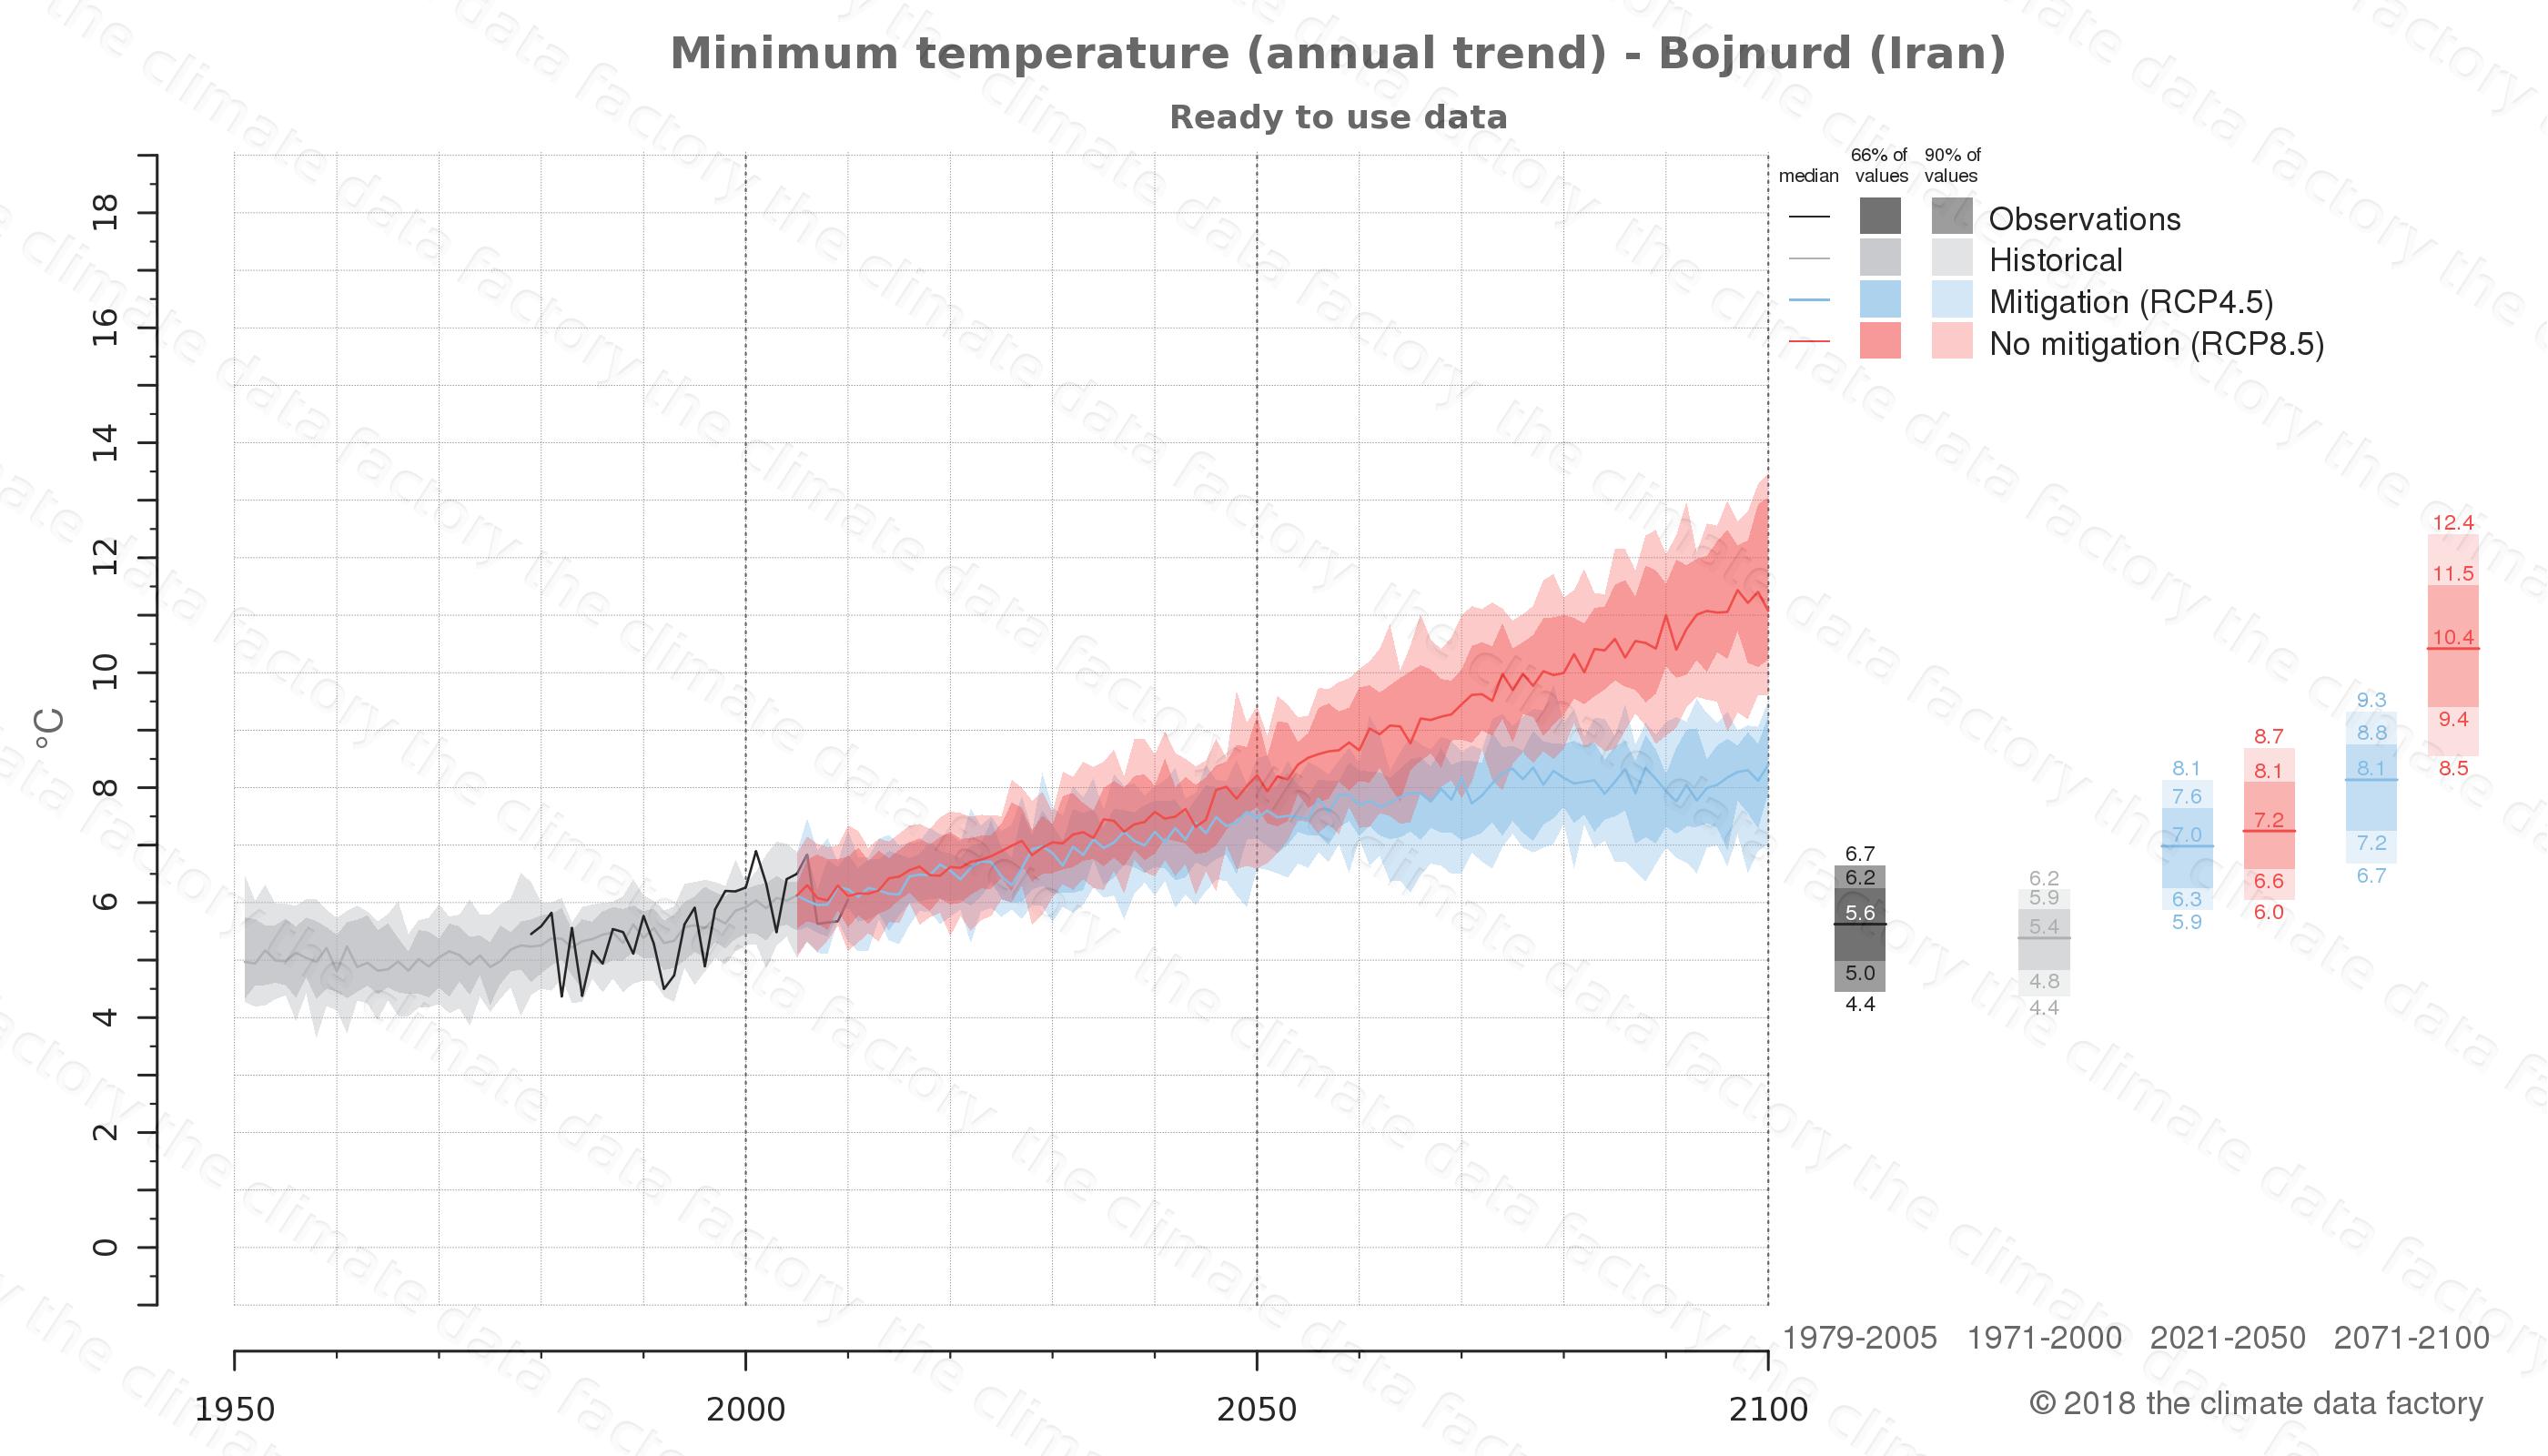 climate change data policy adaptation climate graph city data minimum-temperature bojnurd iran